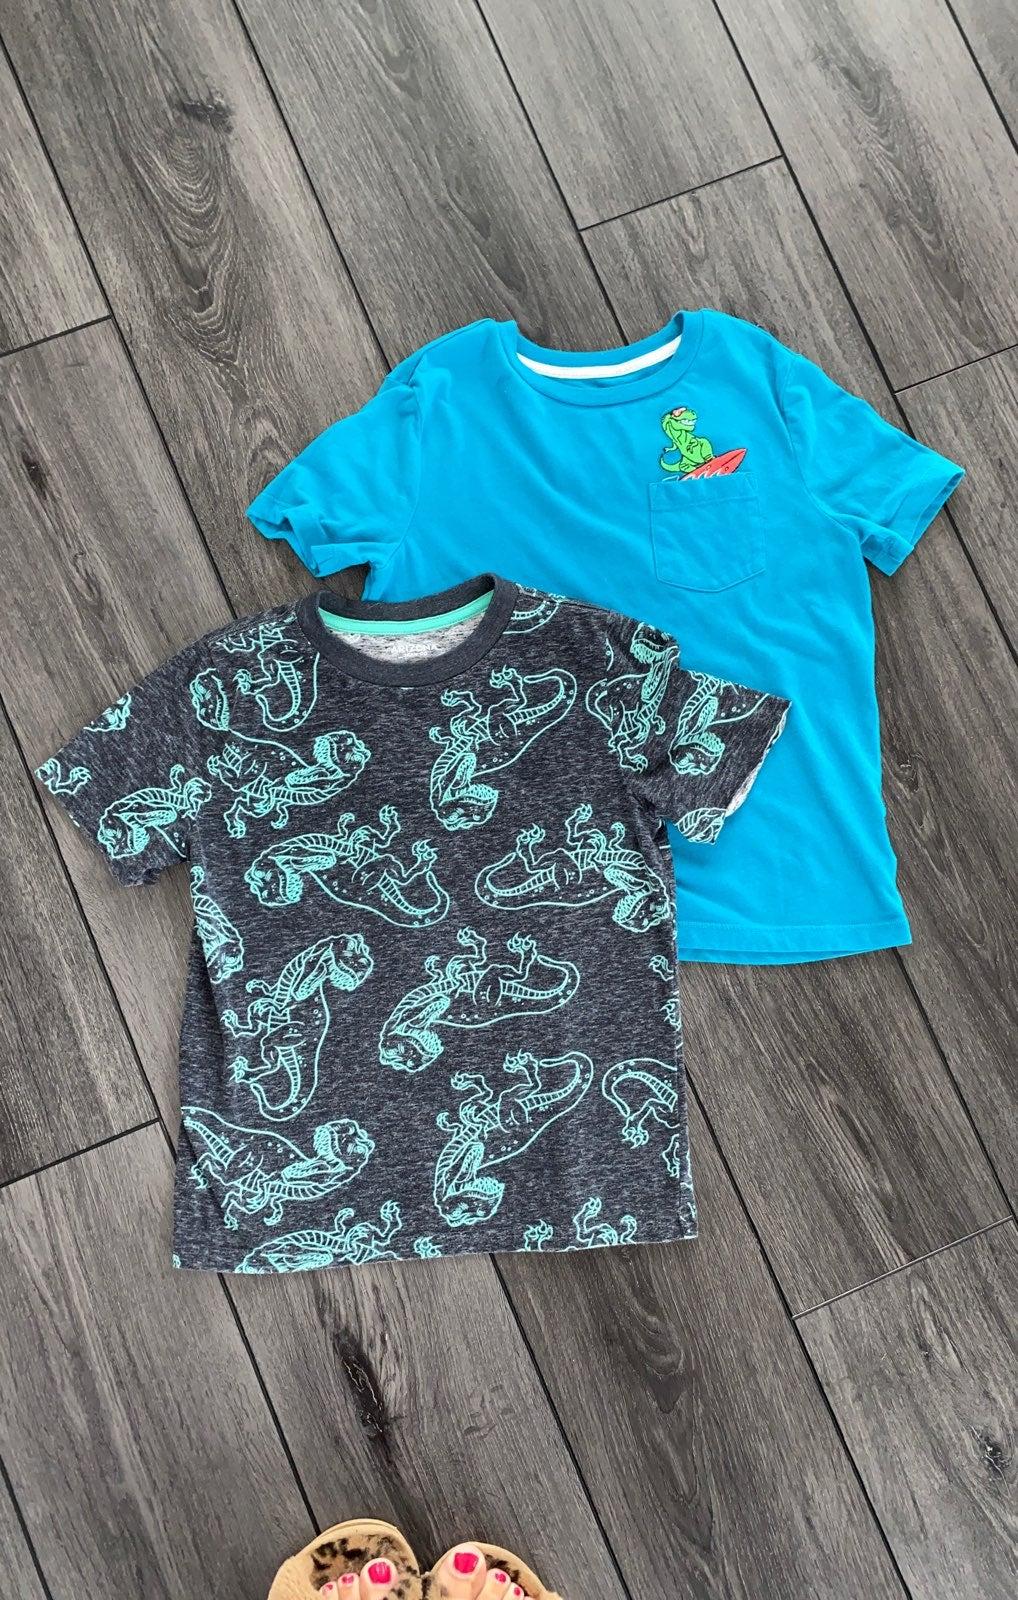 Size 4/5 Boys Dinosaur t-shirts